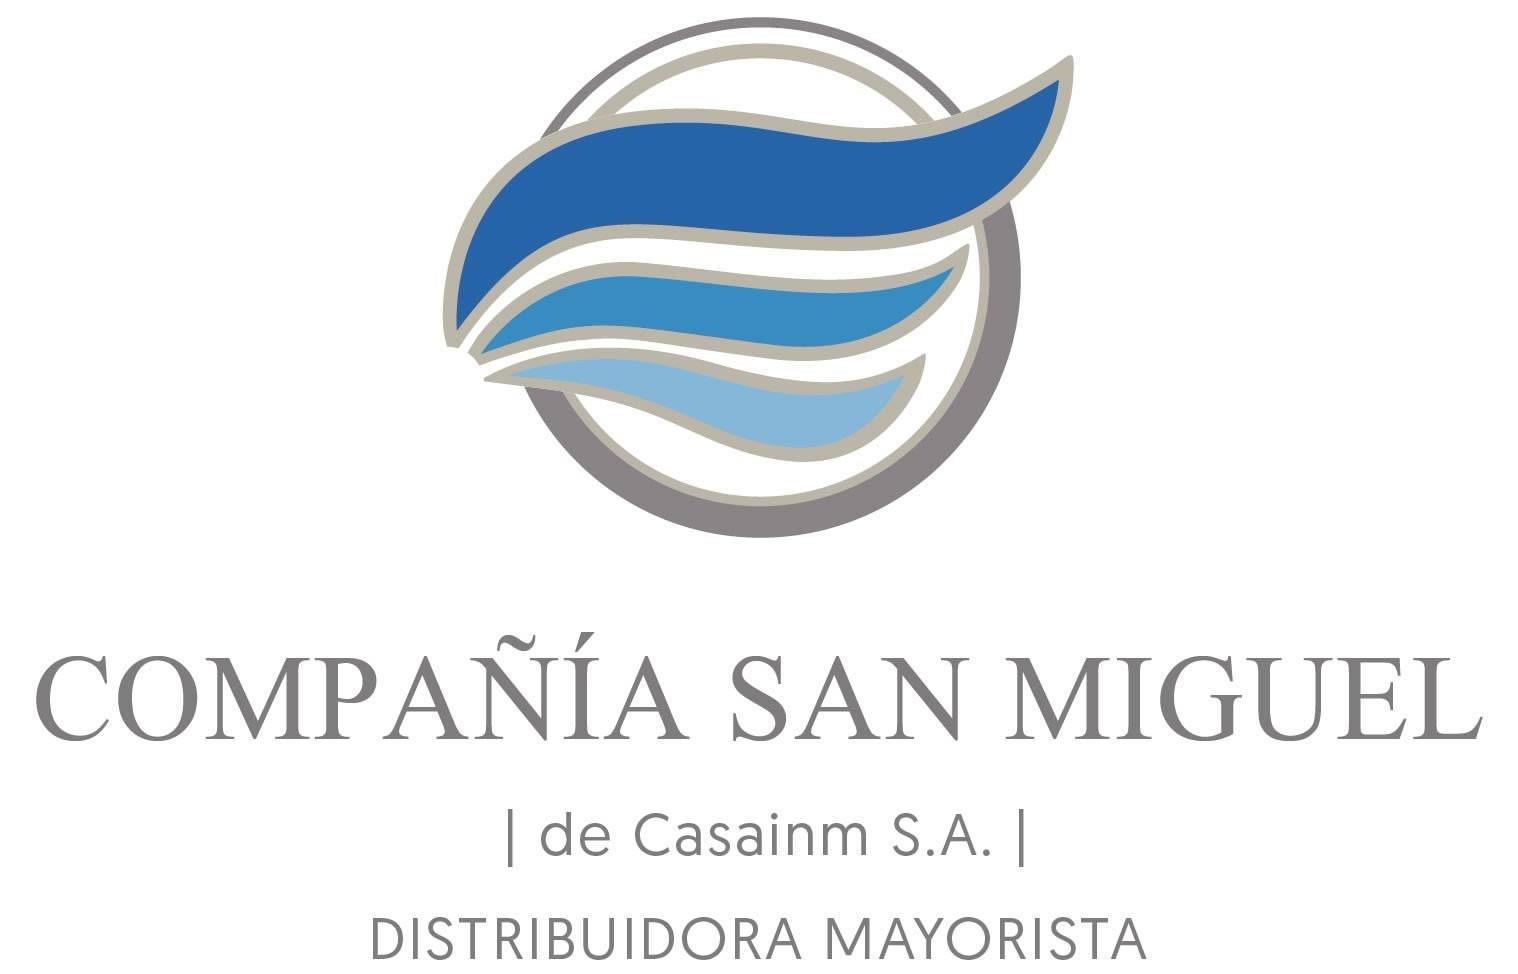 Cia. San Miguel